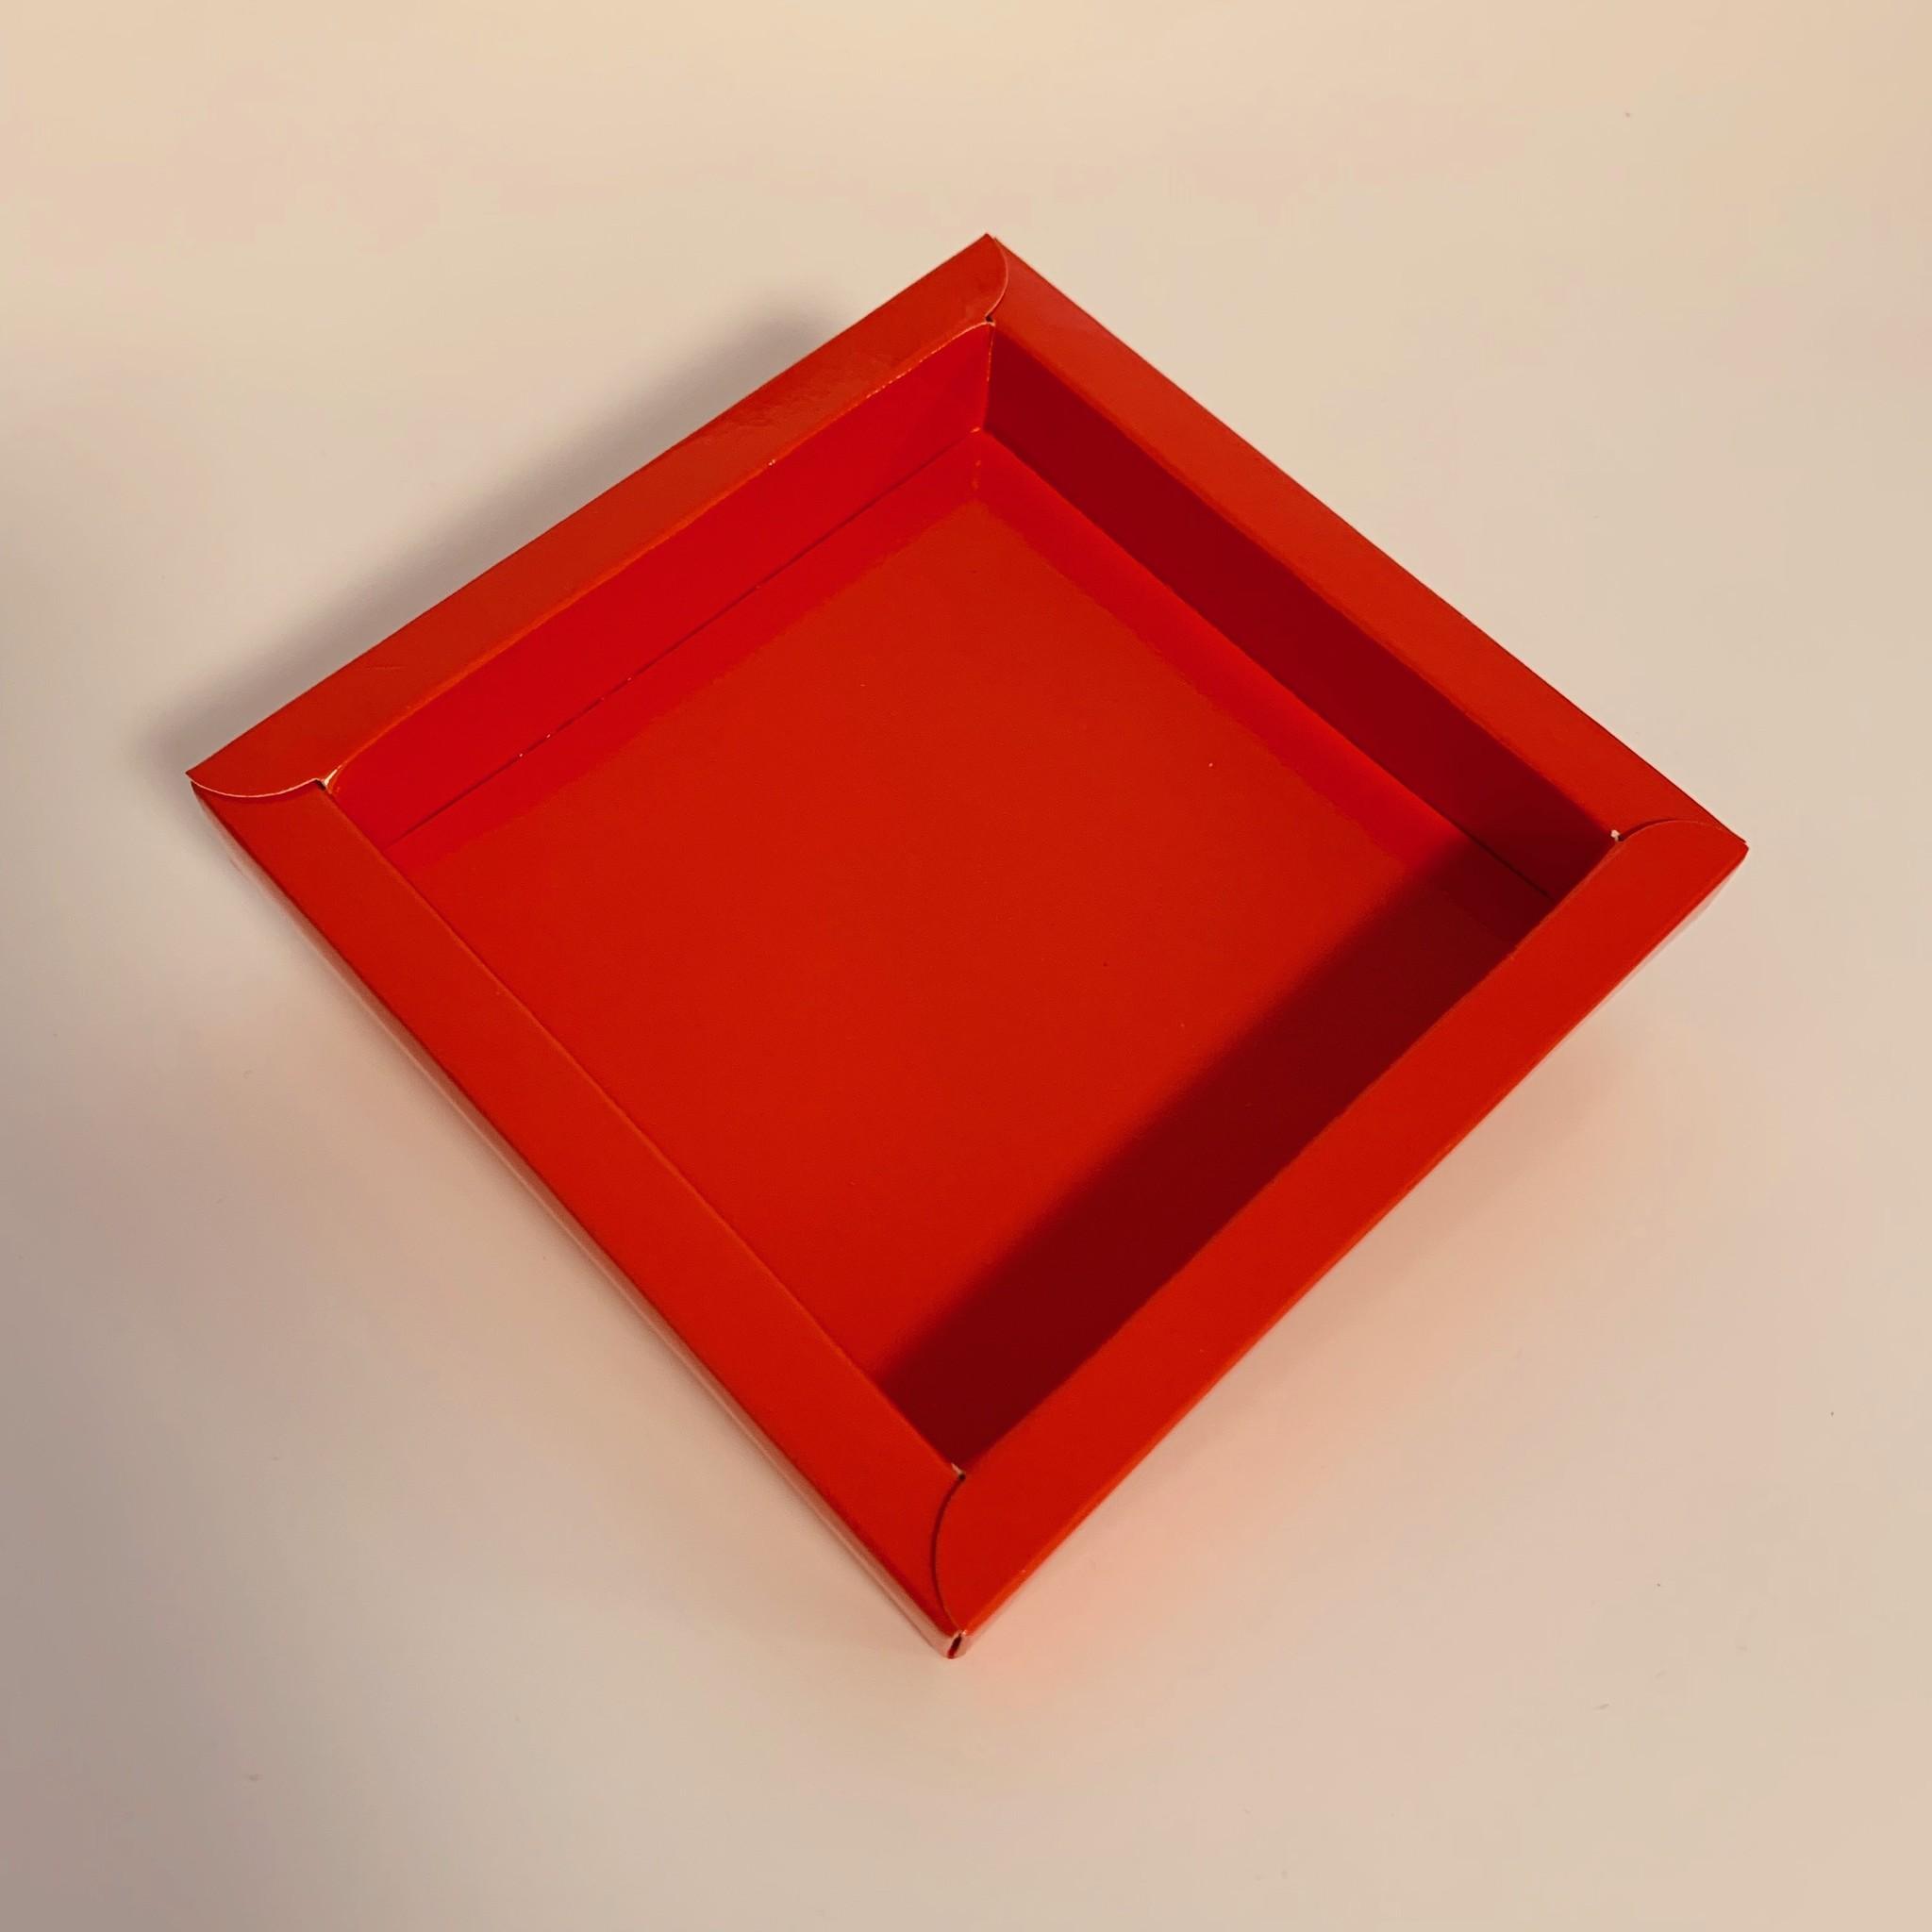 Hollewand verpakking NR.145 inhoud: 145x145x20 (90stuks)